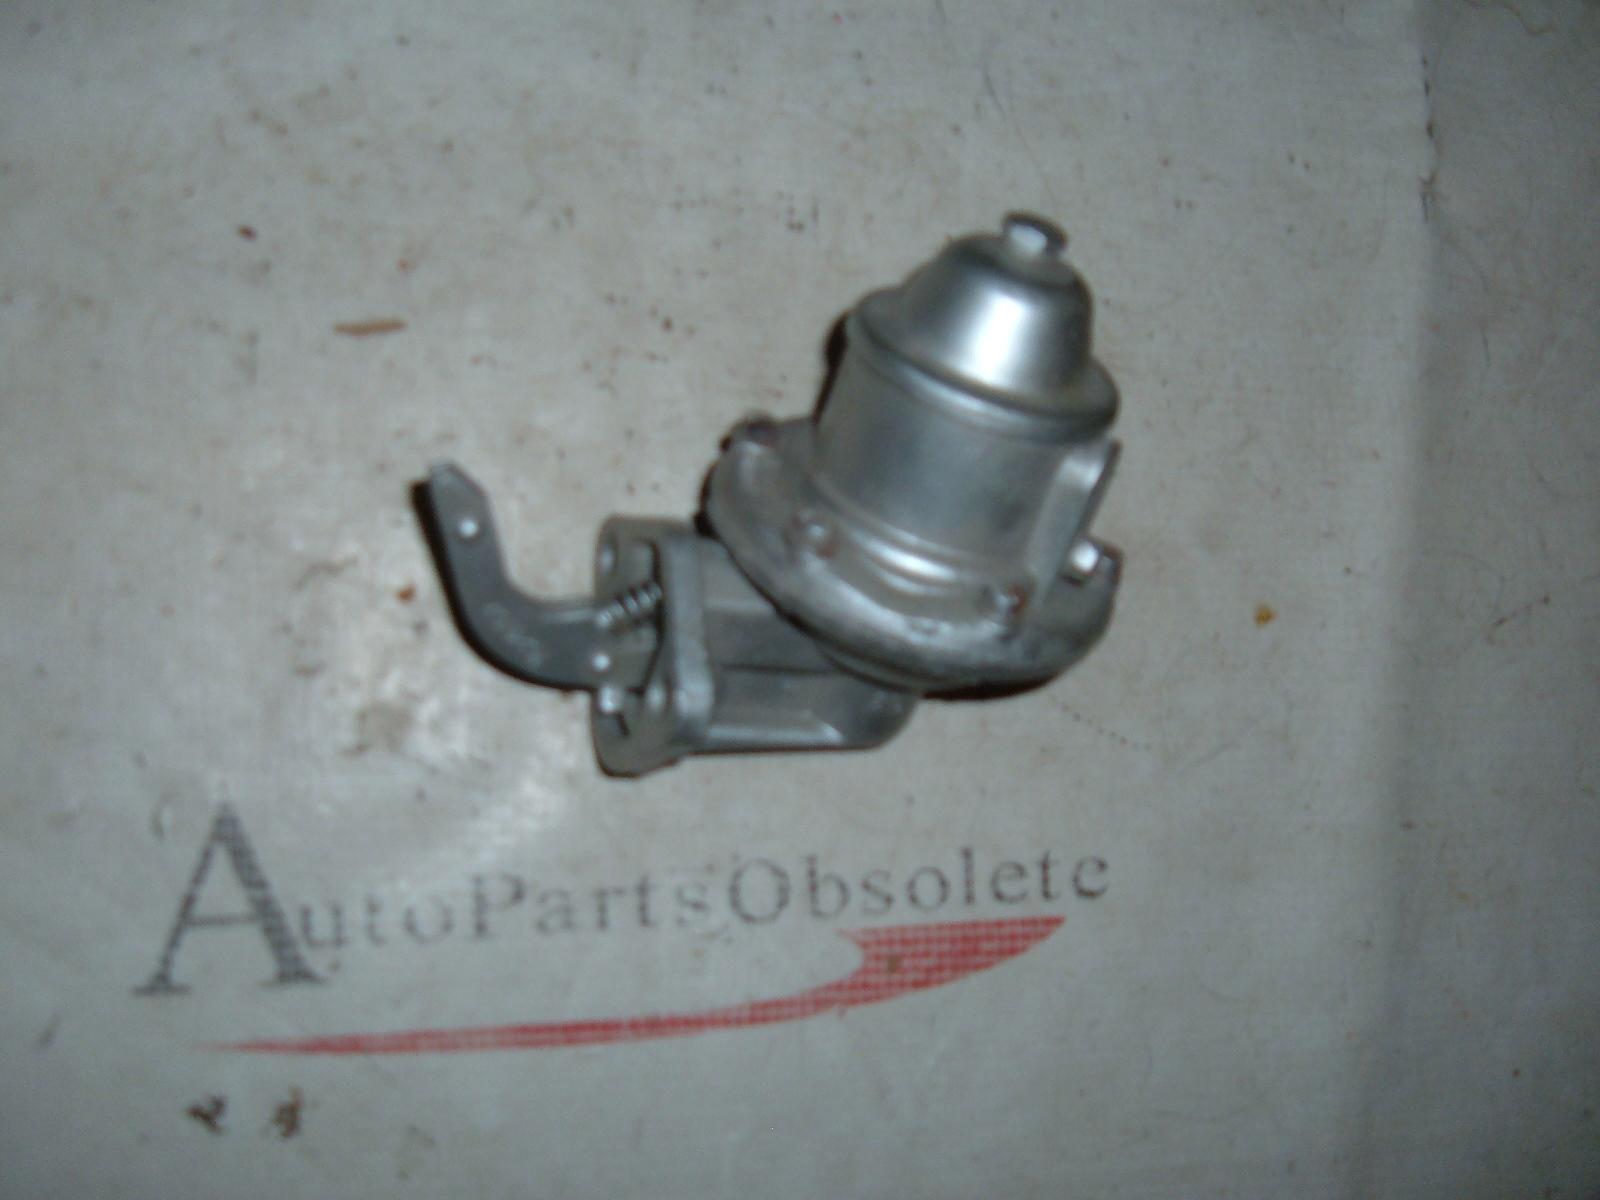 1934 1935 Lafayette ac delco fuel pump rebuilt 1521454 # 510 (z 1521454)